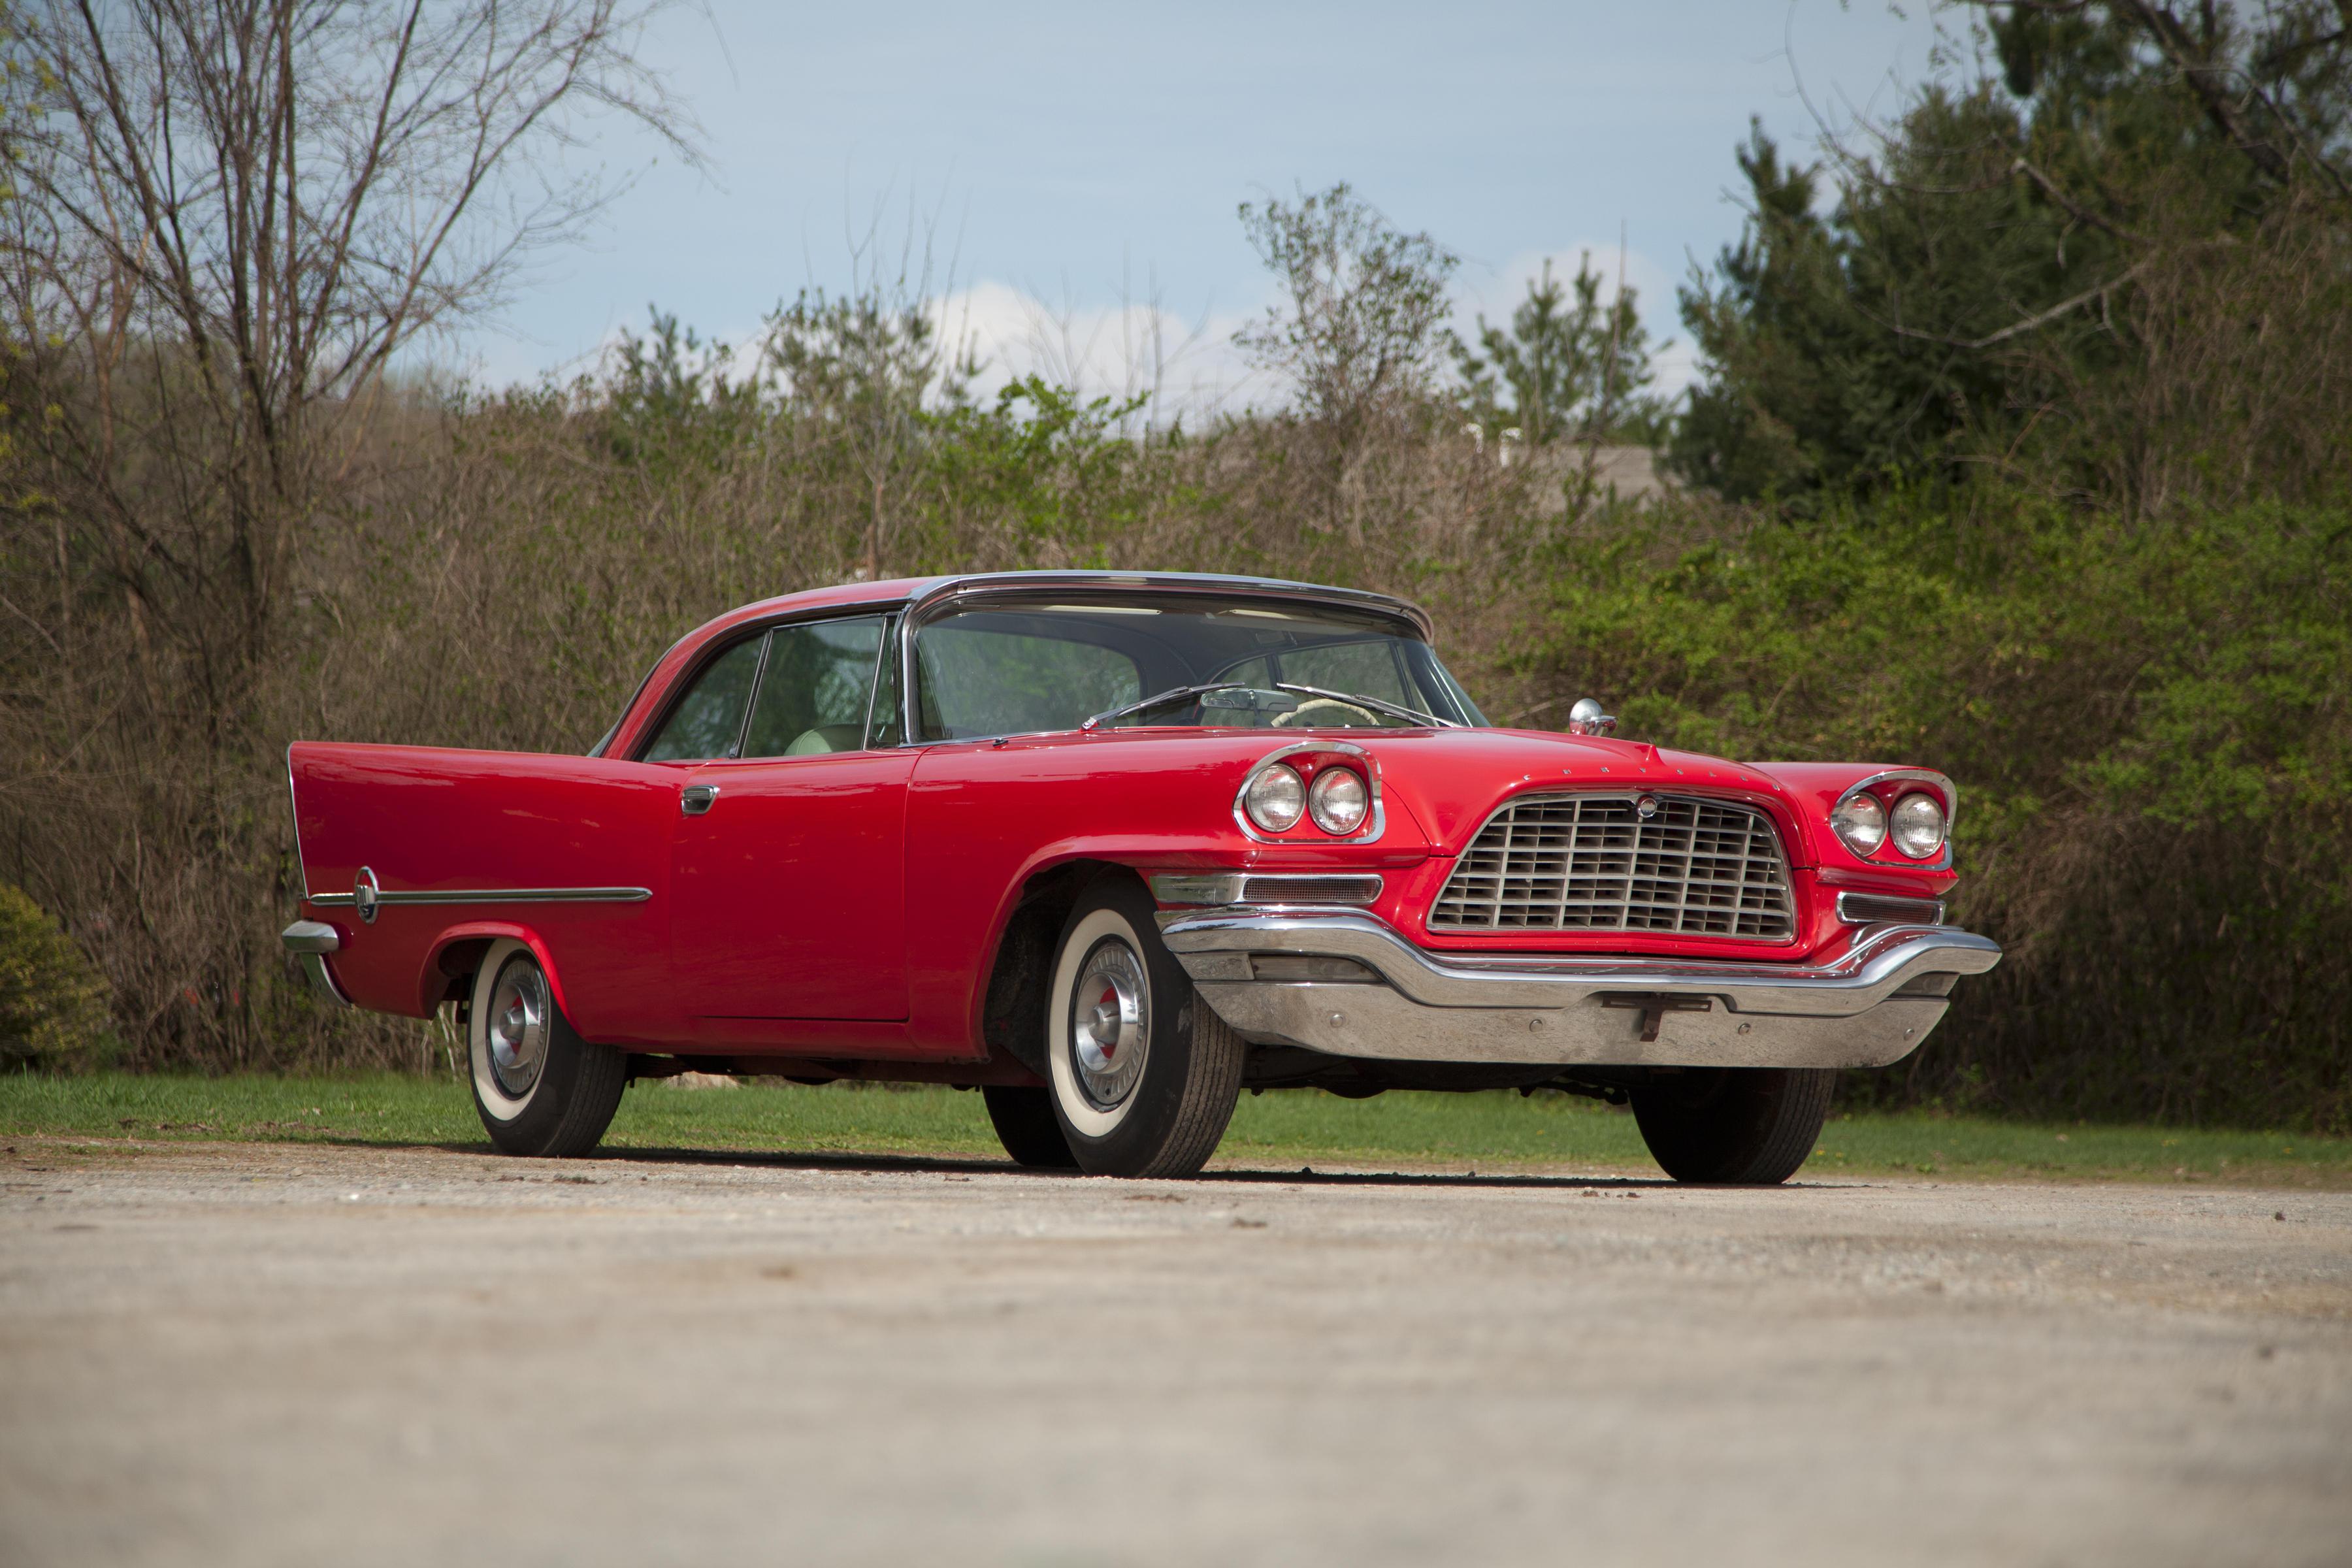 New 300 Chrysler 2016 >> CHRYSLER 300C specs - 1957, 1958, 1959 - autoevolution